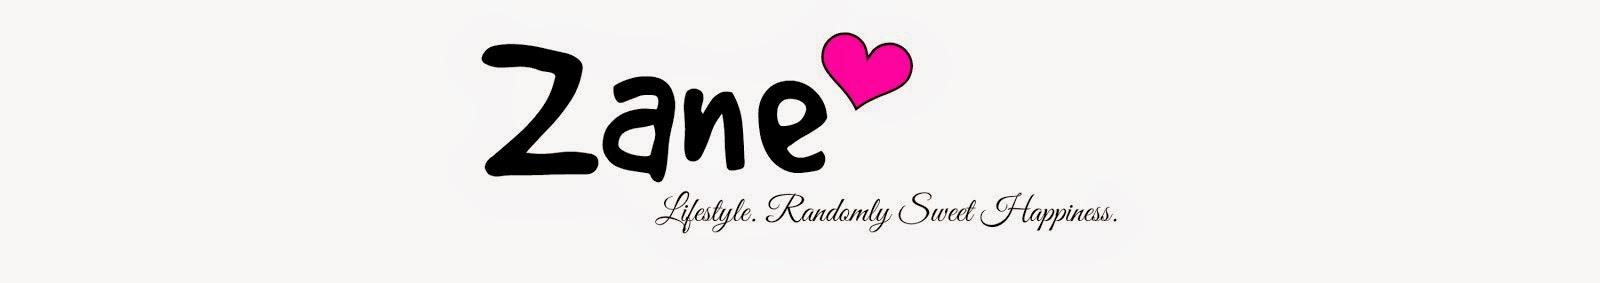 Zane ♥